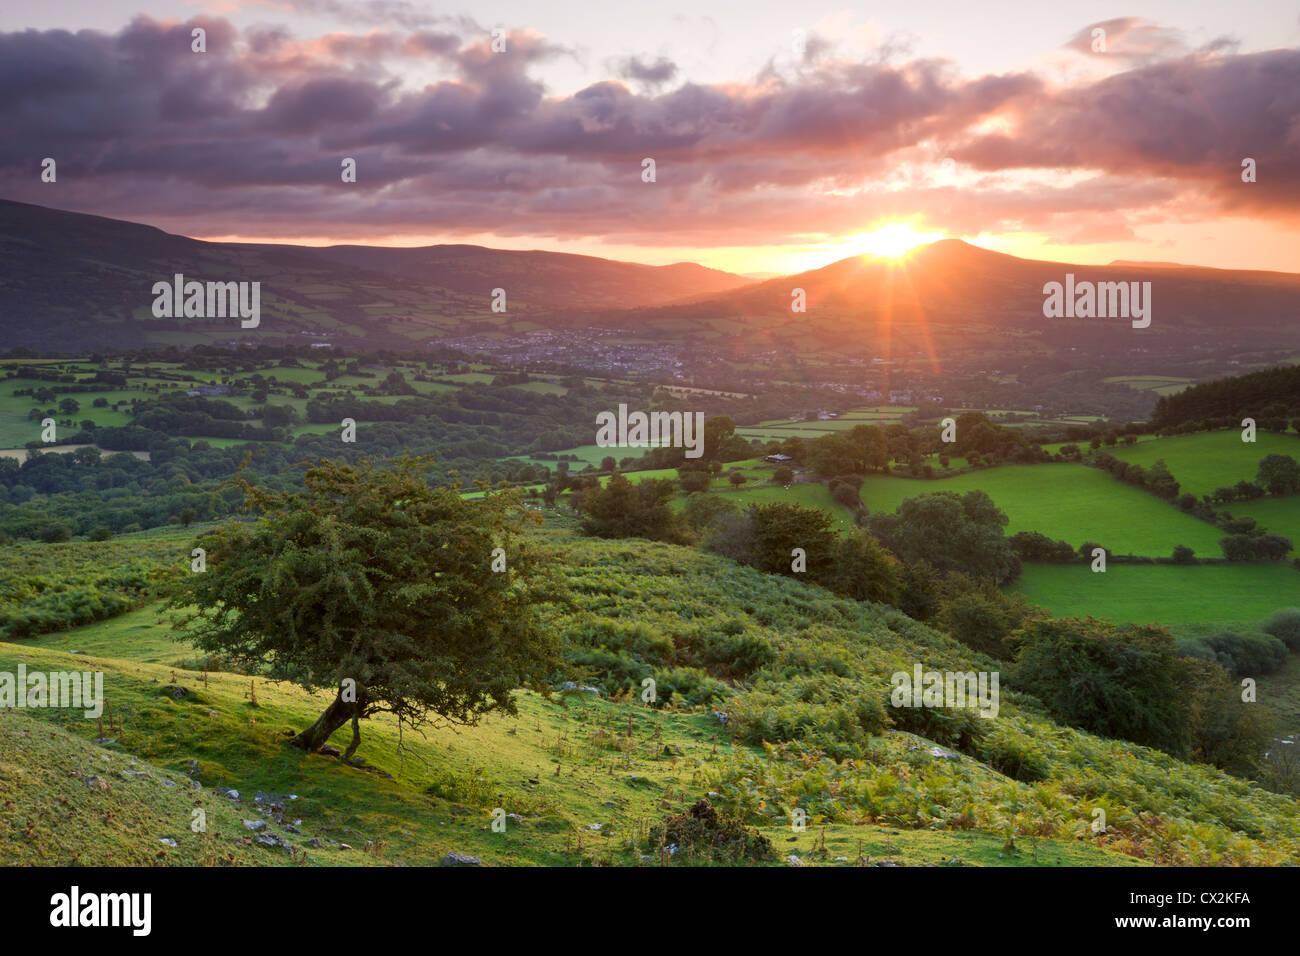 Sonnenaufgang über dem Zuckerhut und Stadt Crickhowell, Brecon Beacons National Park, Powys, Wales. Sommer (August) Stockfoto